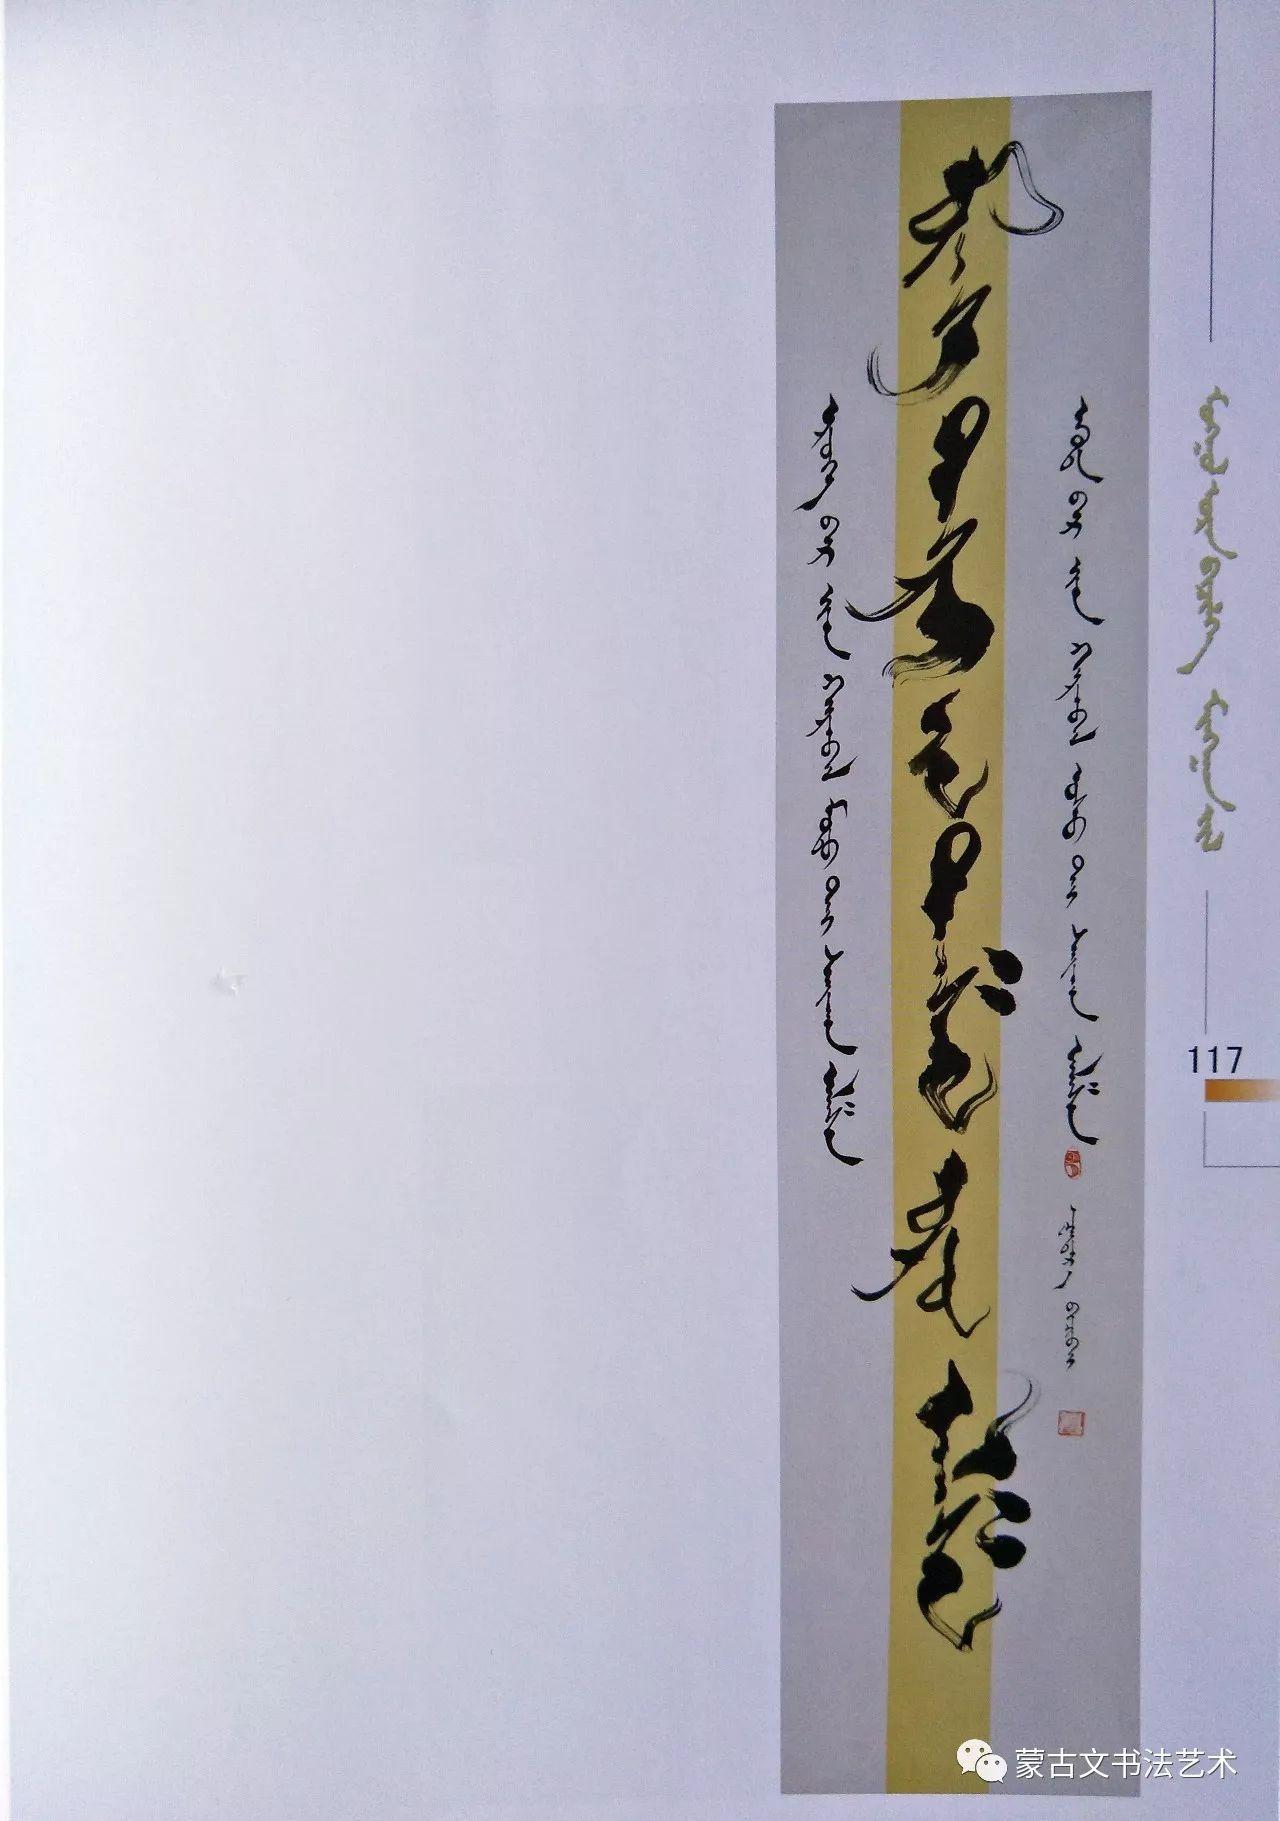 千年蒙古文书法 第4张